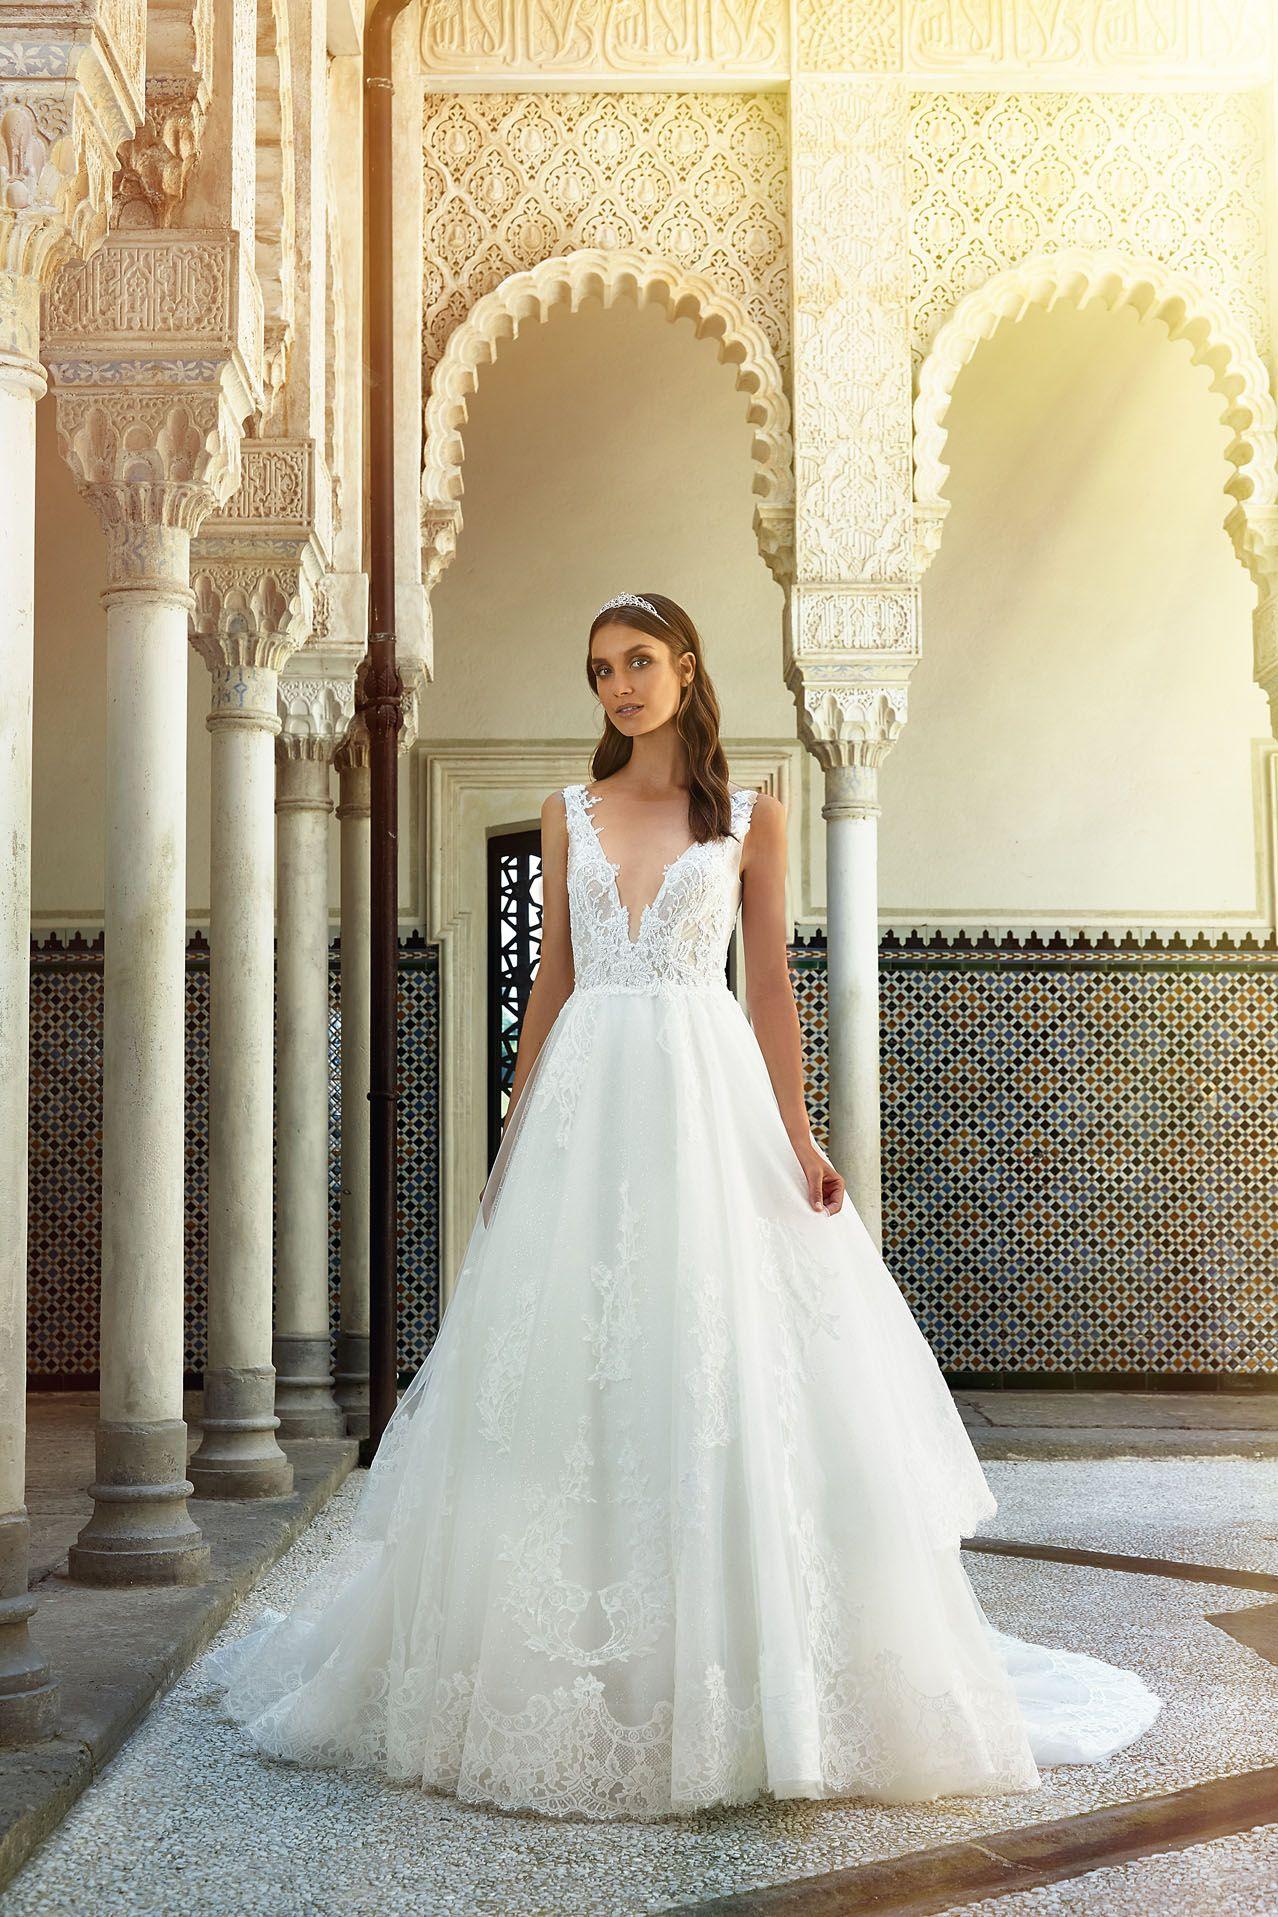 aa0b7c75a956 MODELLO LV 0418 Meraviglioso abito da sposa romantico con bustino in pizzo  Leavers ricamato a mano